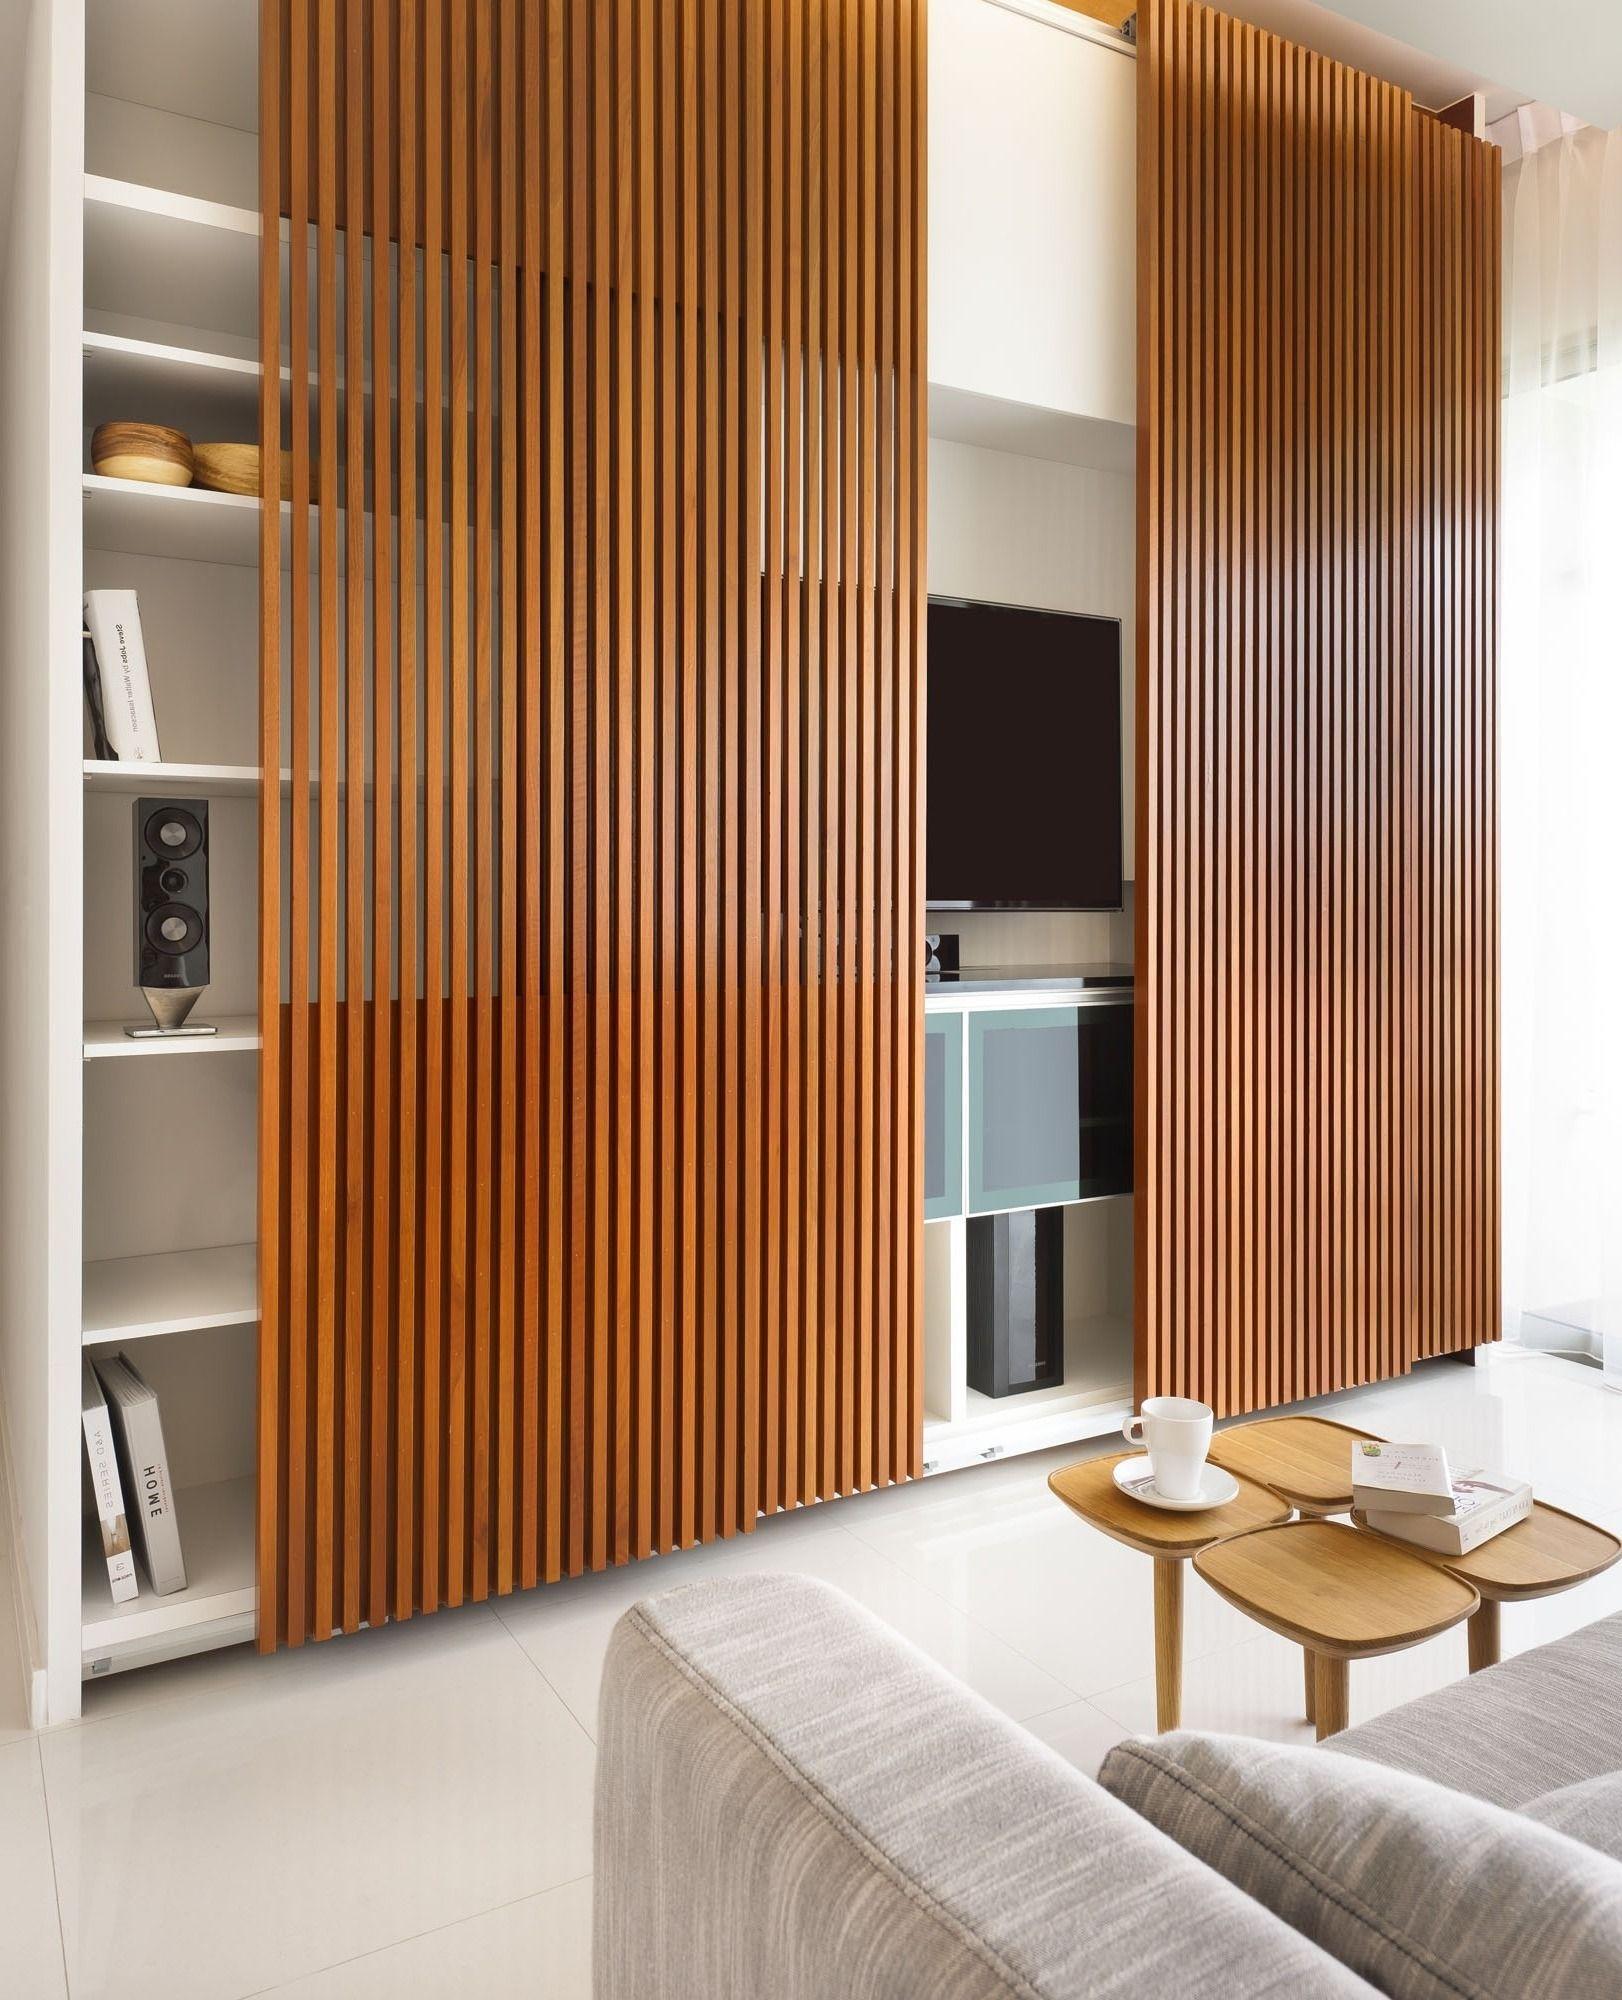 Holz Wandverkleidung Modern Apartment Design Home Wall Cladding